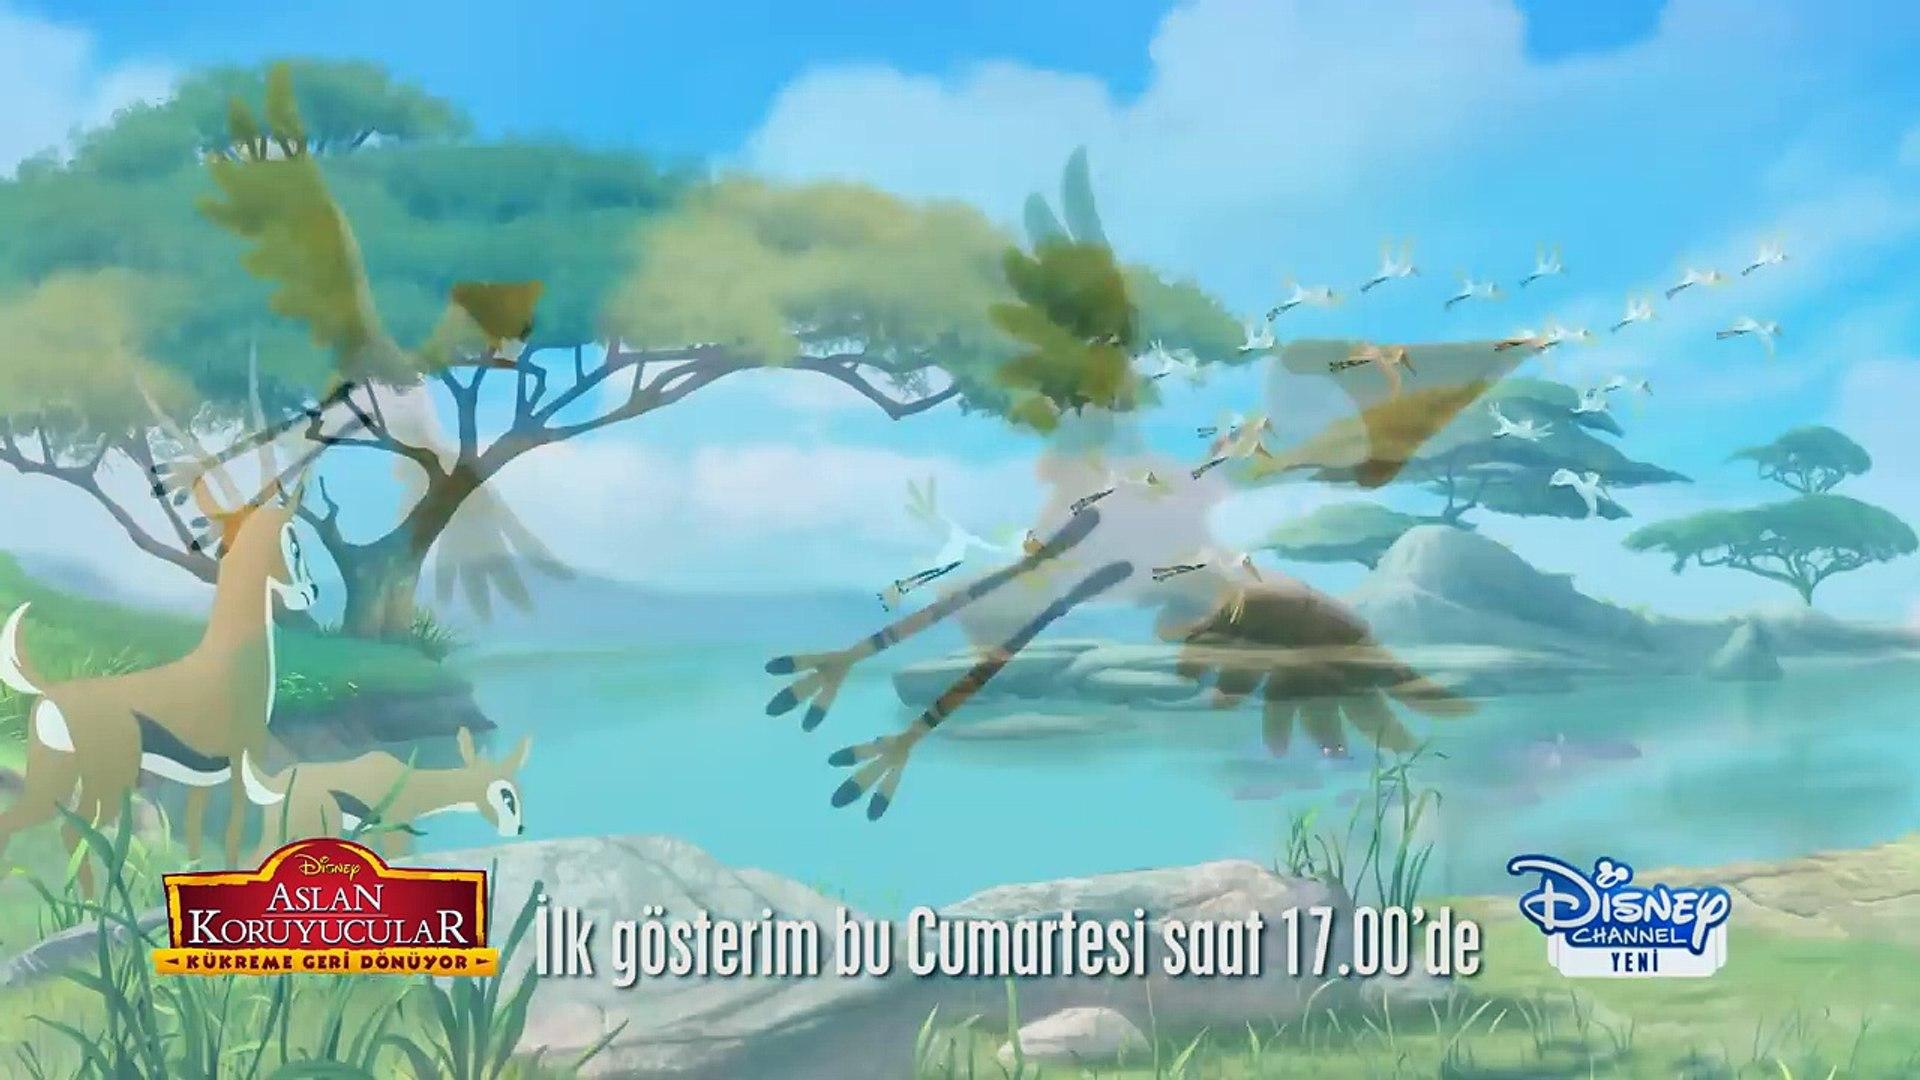 Aslan Koruyucular Kukreme Geri Donuyor Dailymotion Video